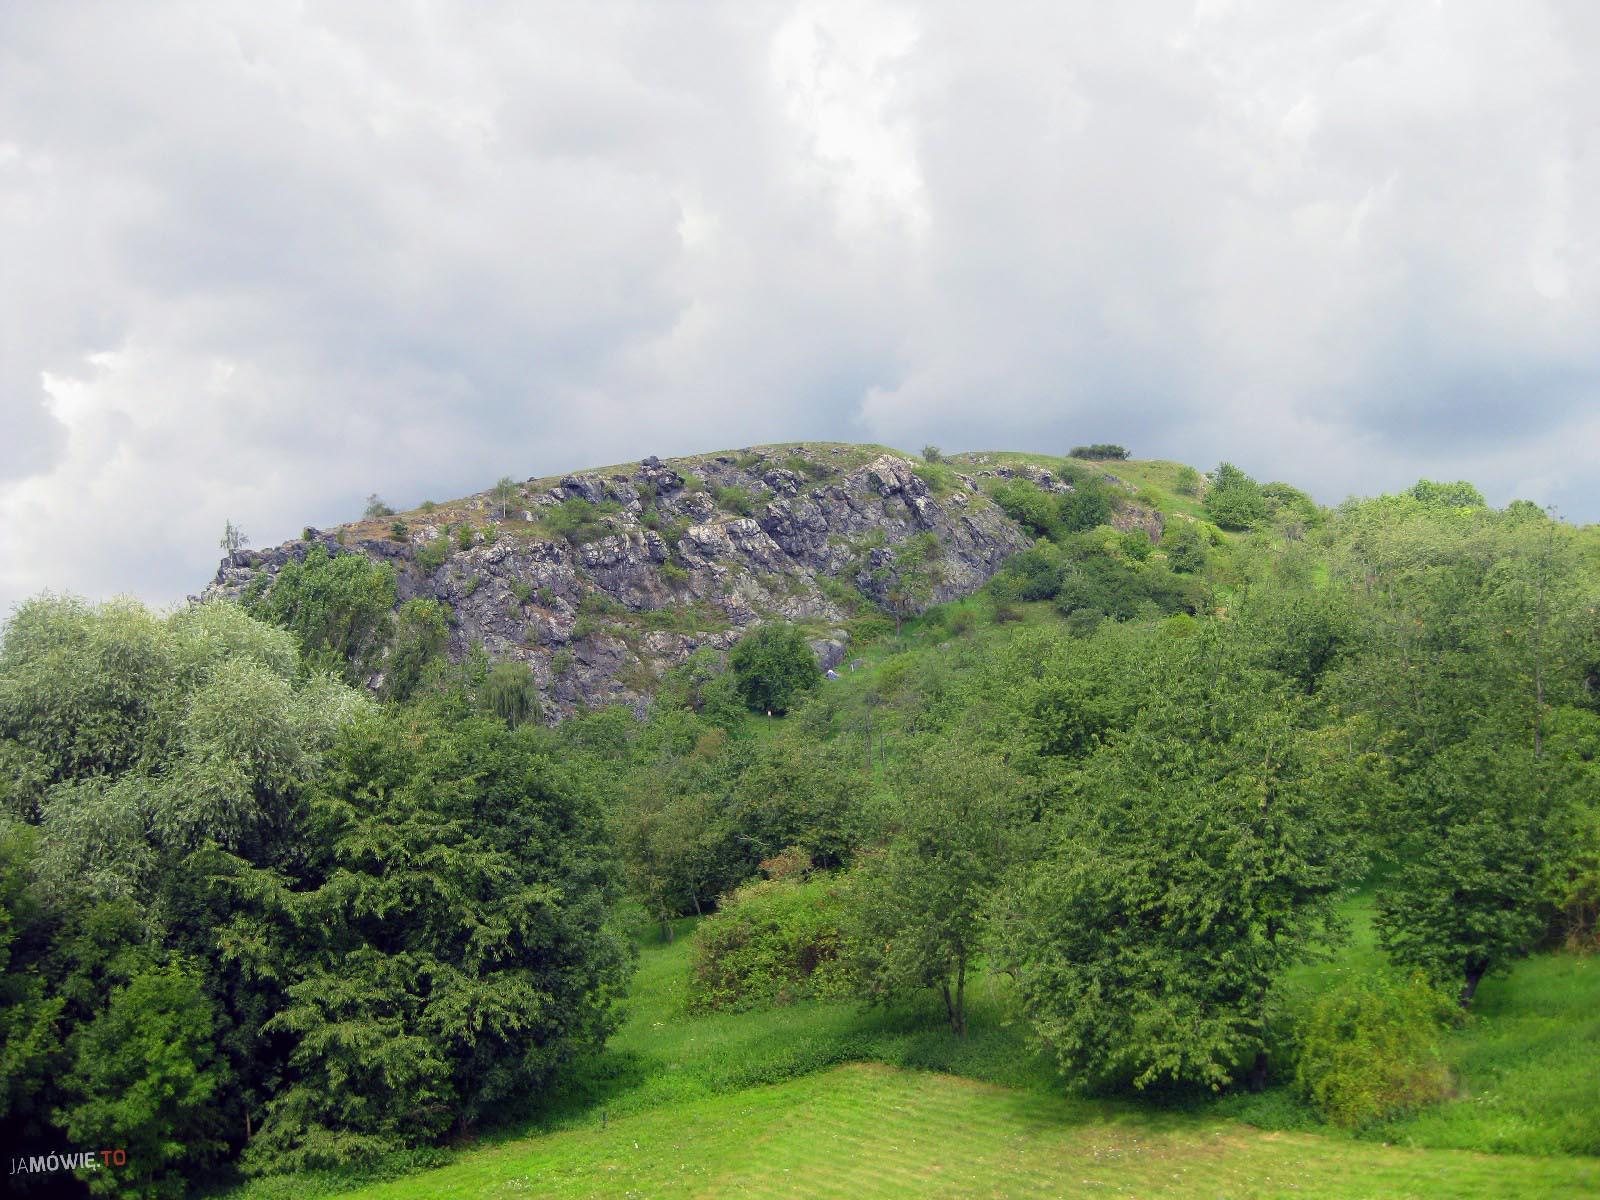 Moje ulubione miejsca w Europie - Divoka Sarka - Ja mówię TO http://jamowie.to